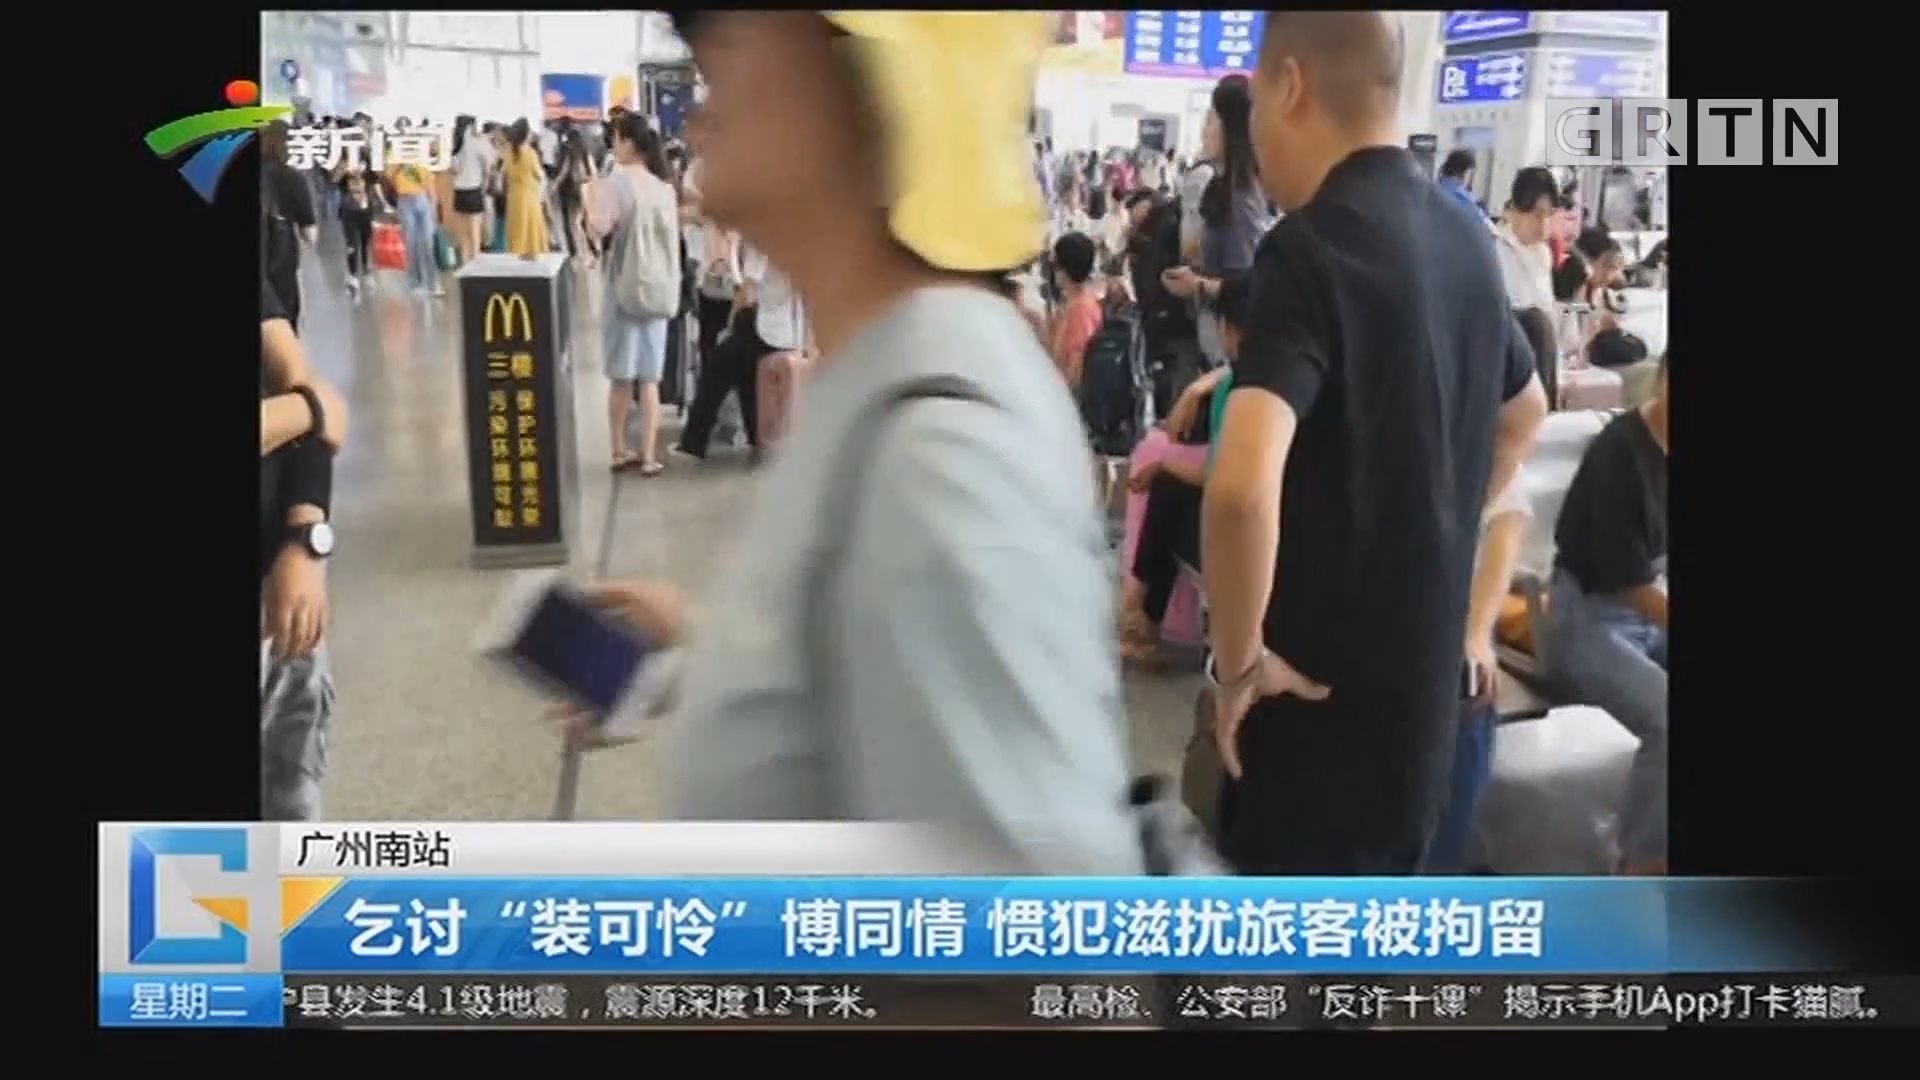 """广州南站:乞讨""""装可怜""""博同情 惯犯滋扰旅客被拘留"""